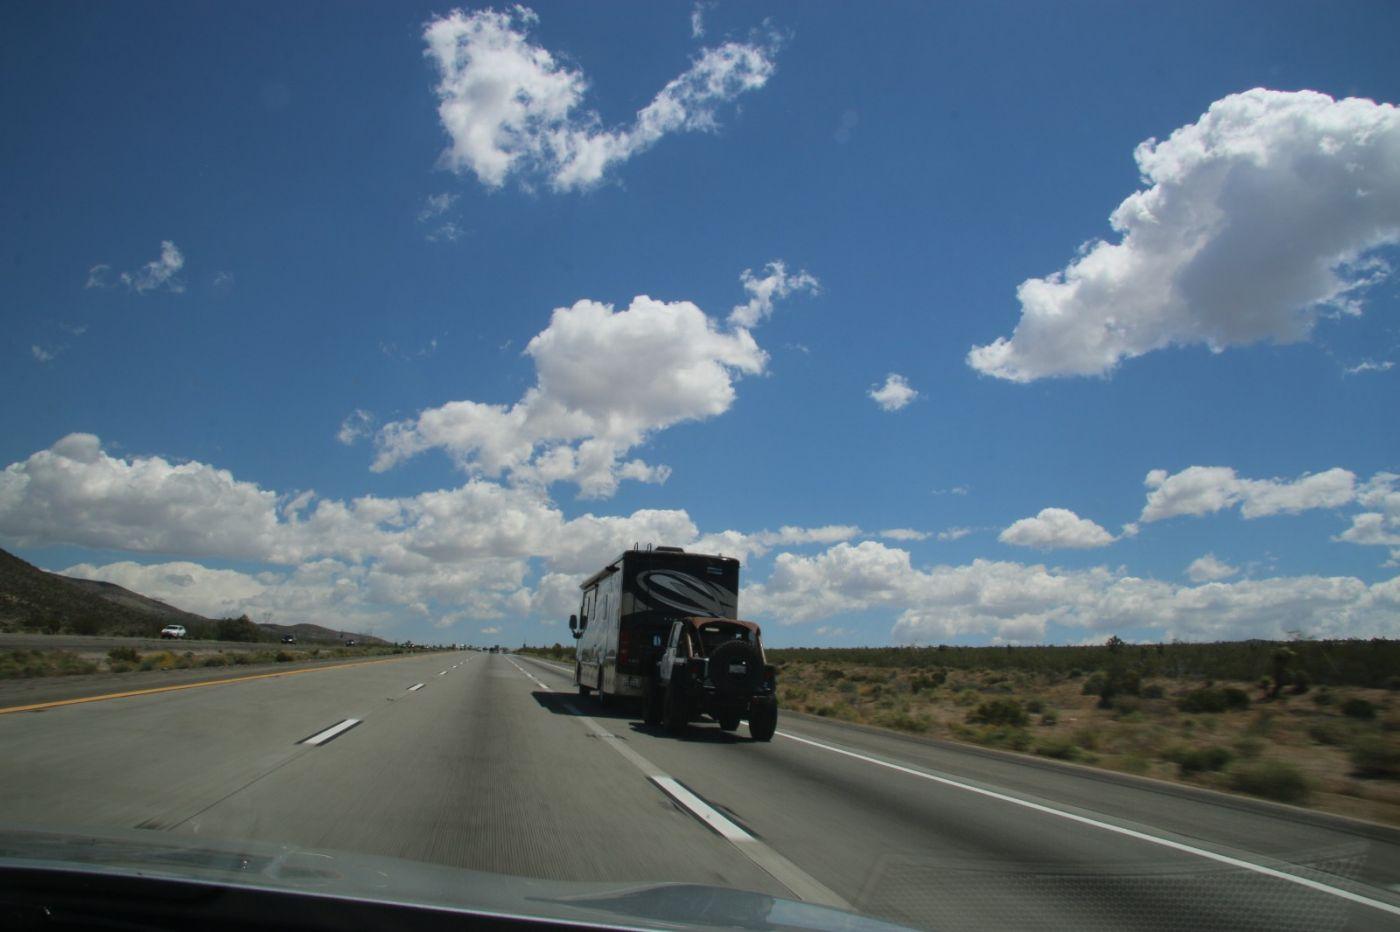 赴美国一号公路自驾游值得注意的情况_图1-1